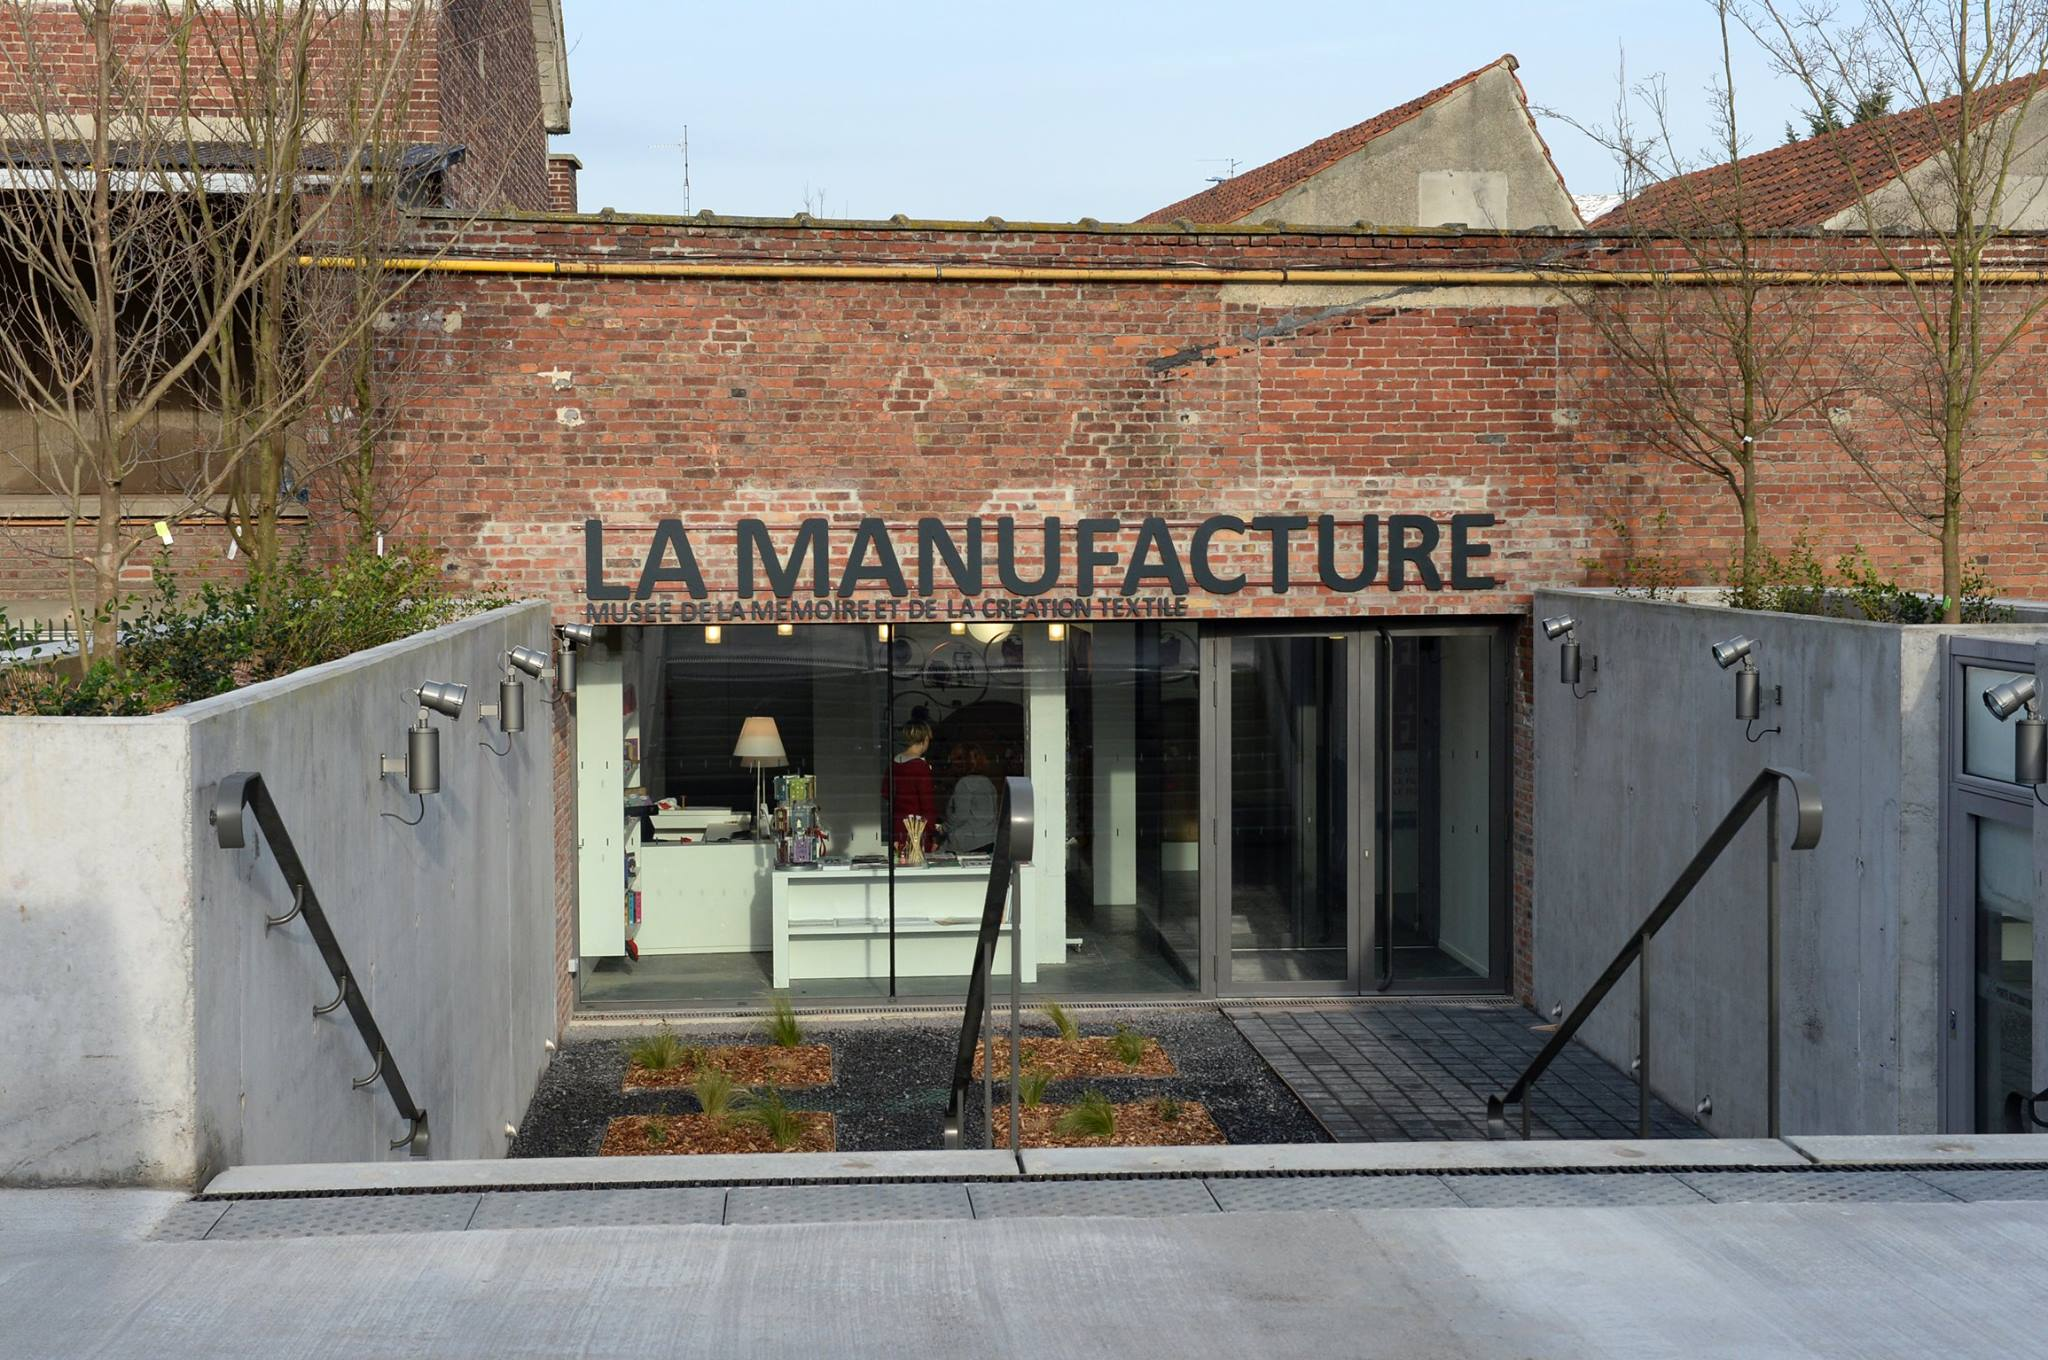 Manufacture – Musée de la Mémoire et de la Création Textile